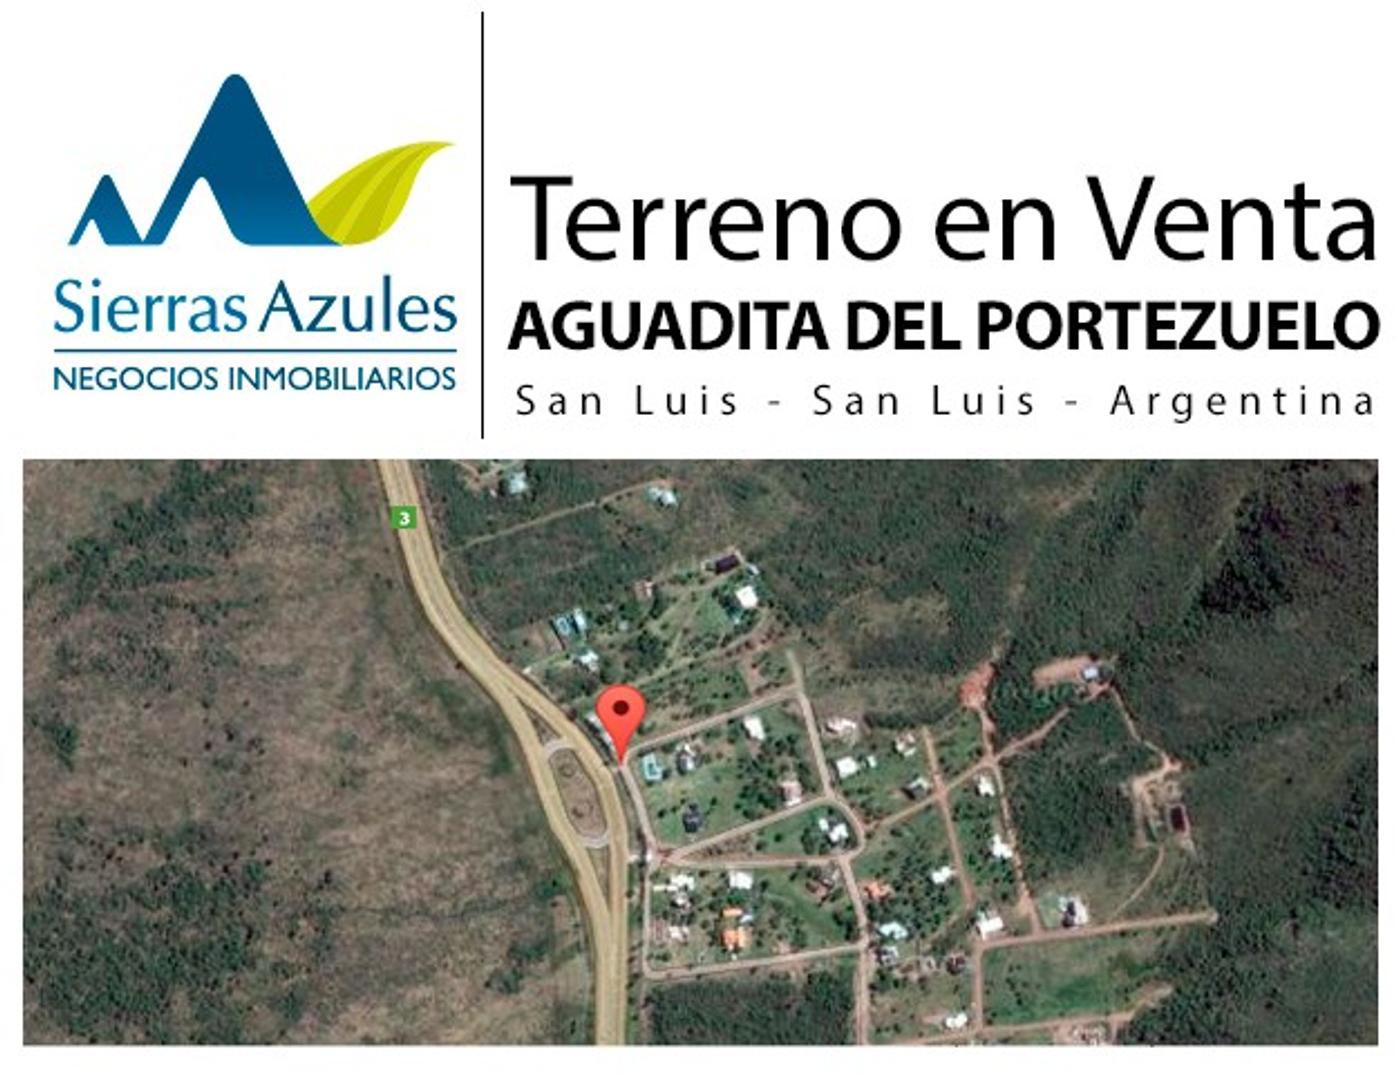 Terreno en venta en Villa la Aguadita del Portezuelo en San Luis. Argentina